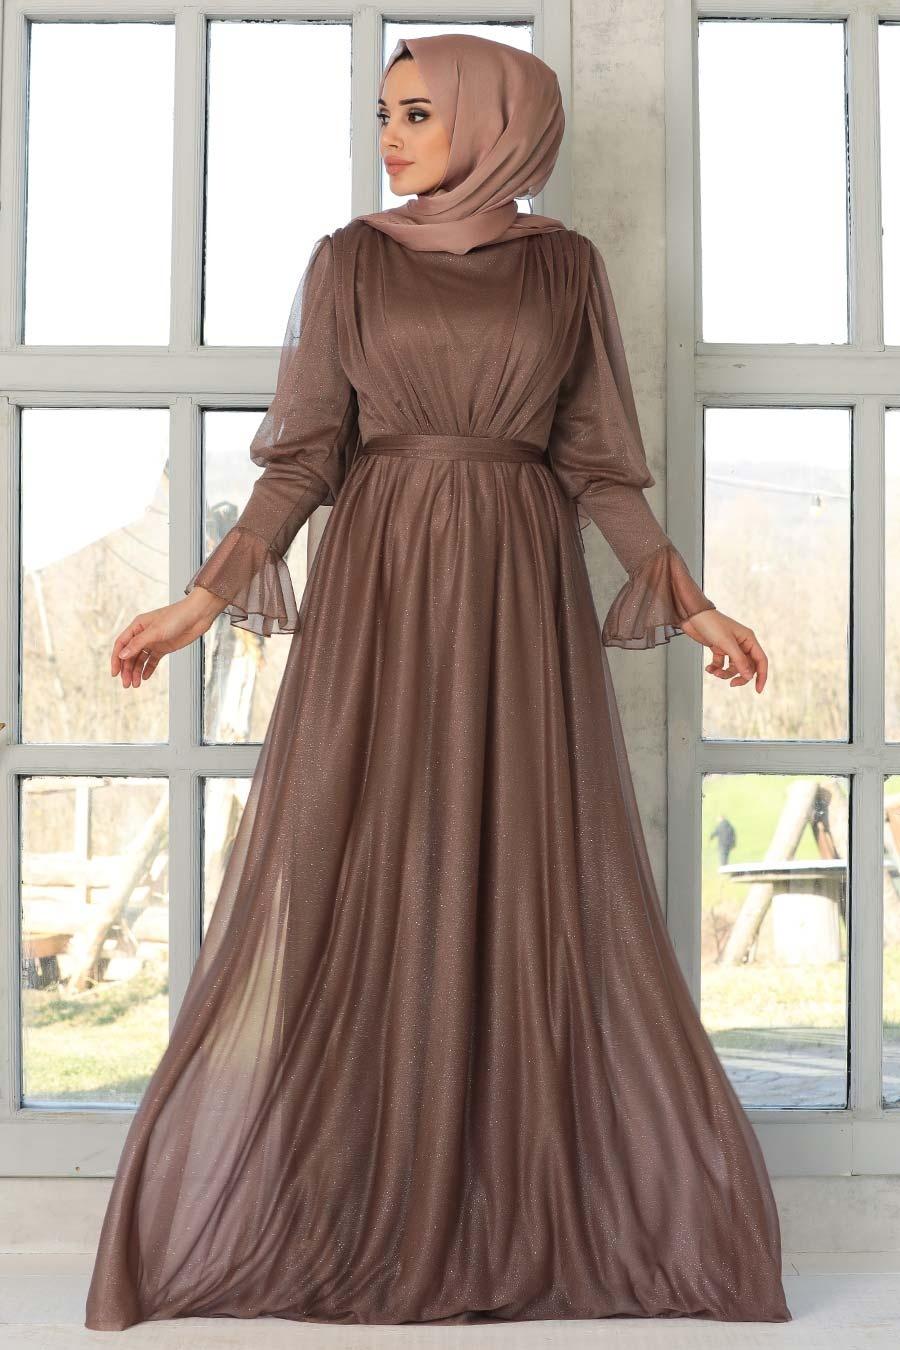 Tesettürlü Abiye Elbise - Simli Koyu Vizon Tesettür Abiye Elbise 5367KV